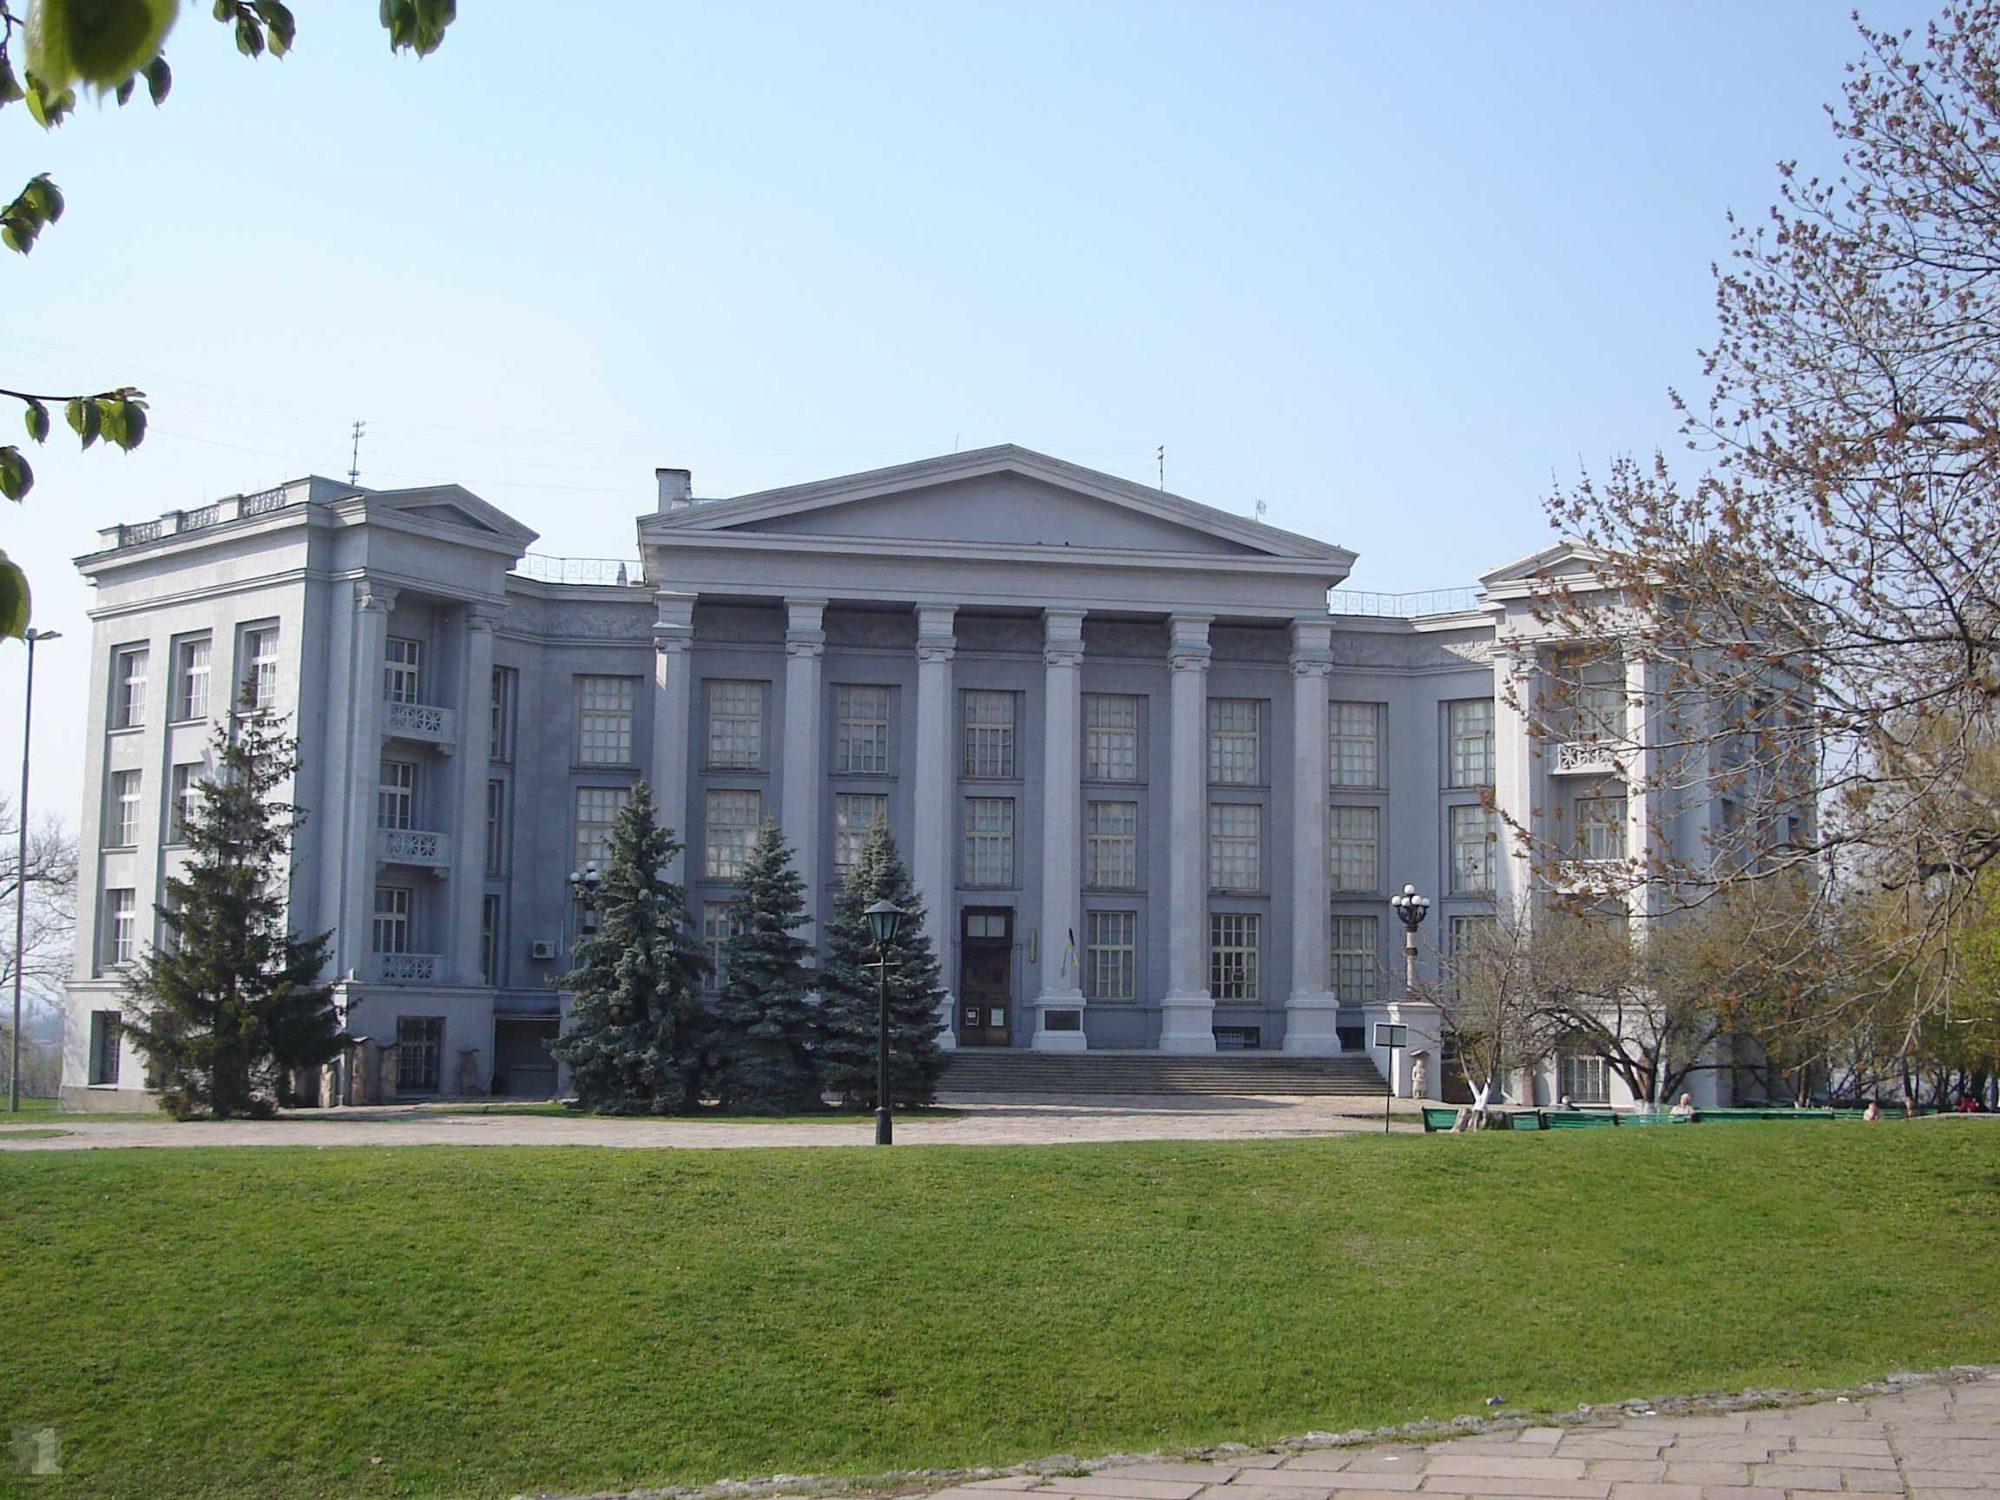 Музейний січень: в столиці можна безкоштовно відвідати низку культурних закладів -  - Istorichesky muzej 2000x1500